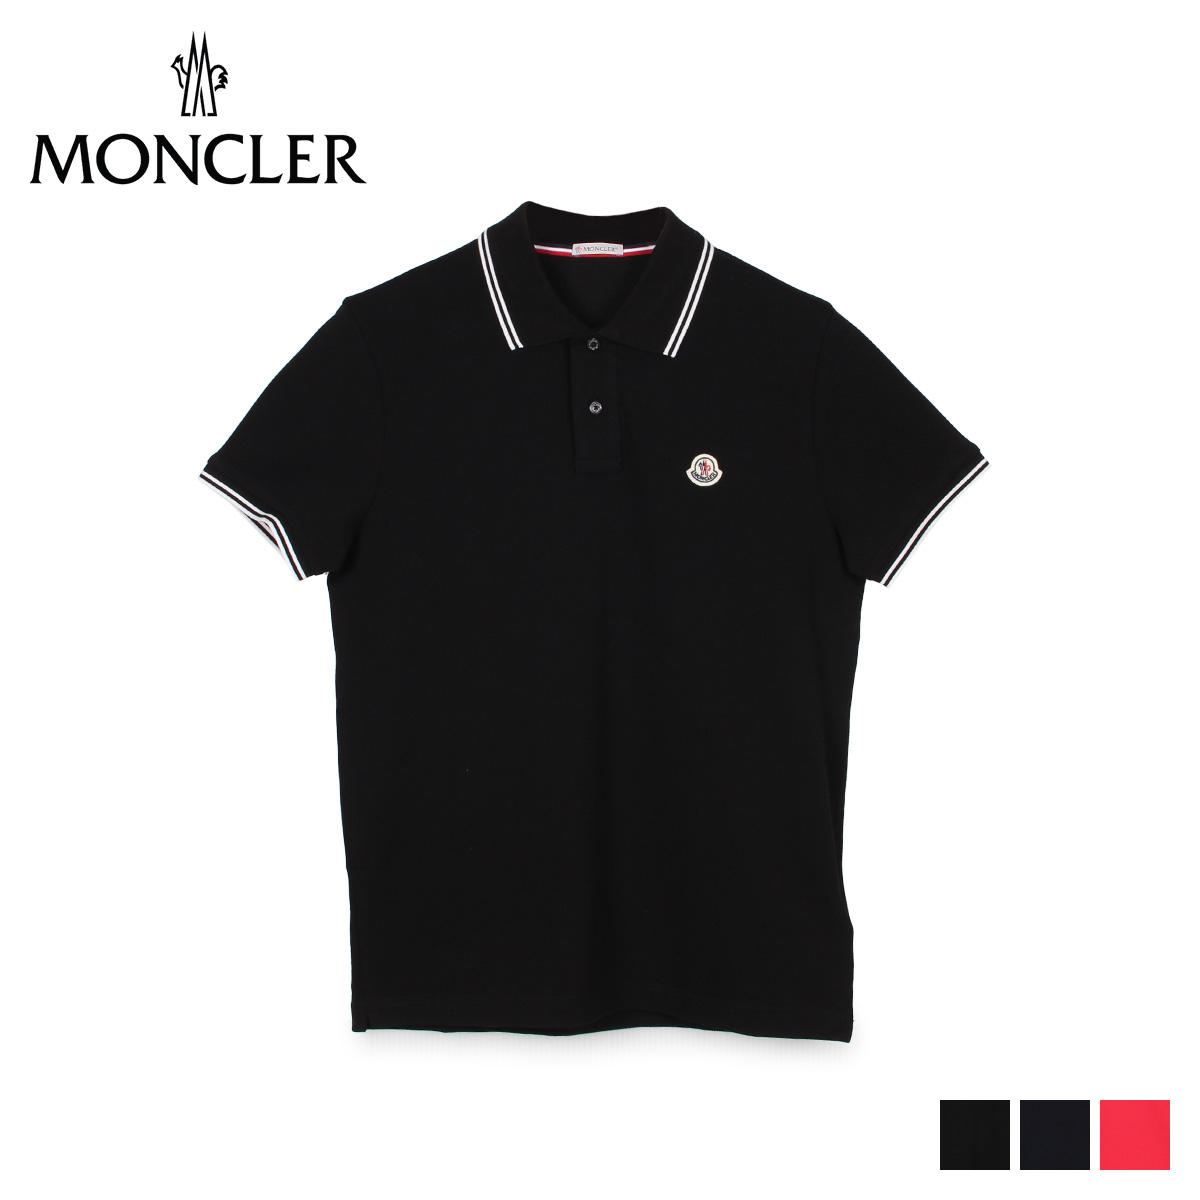 【最大2000円OFFクーポン】 モンクレール MONCLER ポロシャツ 半袖 メンズ POLO SHIRTS ブラック ネイビー レッド 黒 83043 99 84556 [4/23 新入荷]